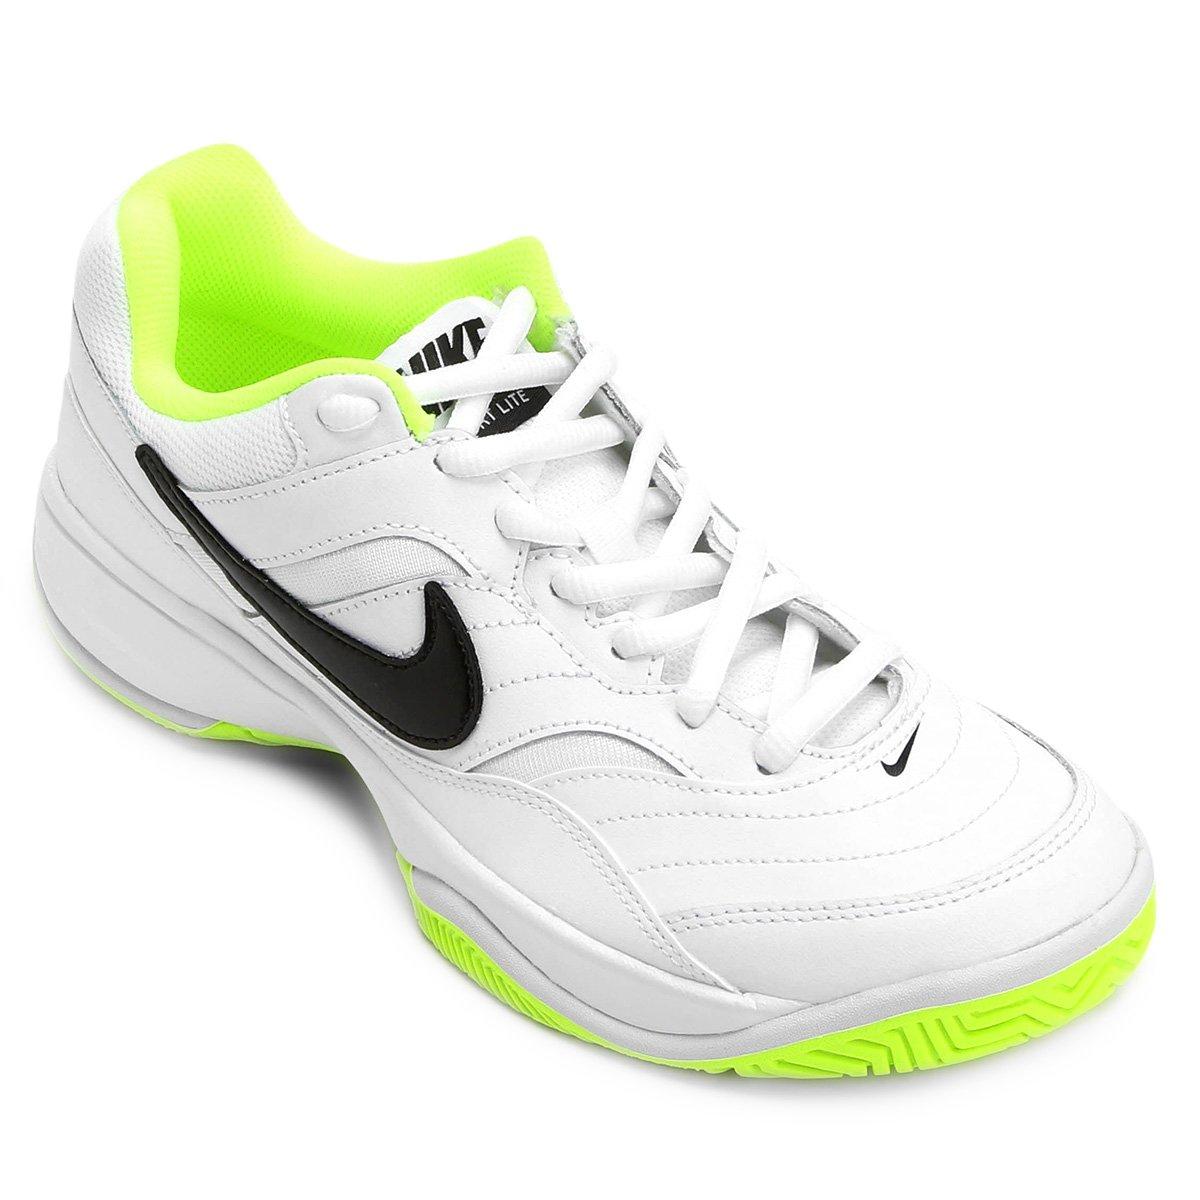 5f963dbeb6 Tênis Nike Court Lite Masculino - Branco e Verde Limão - Compre Agora